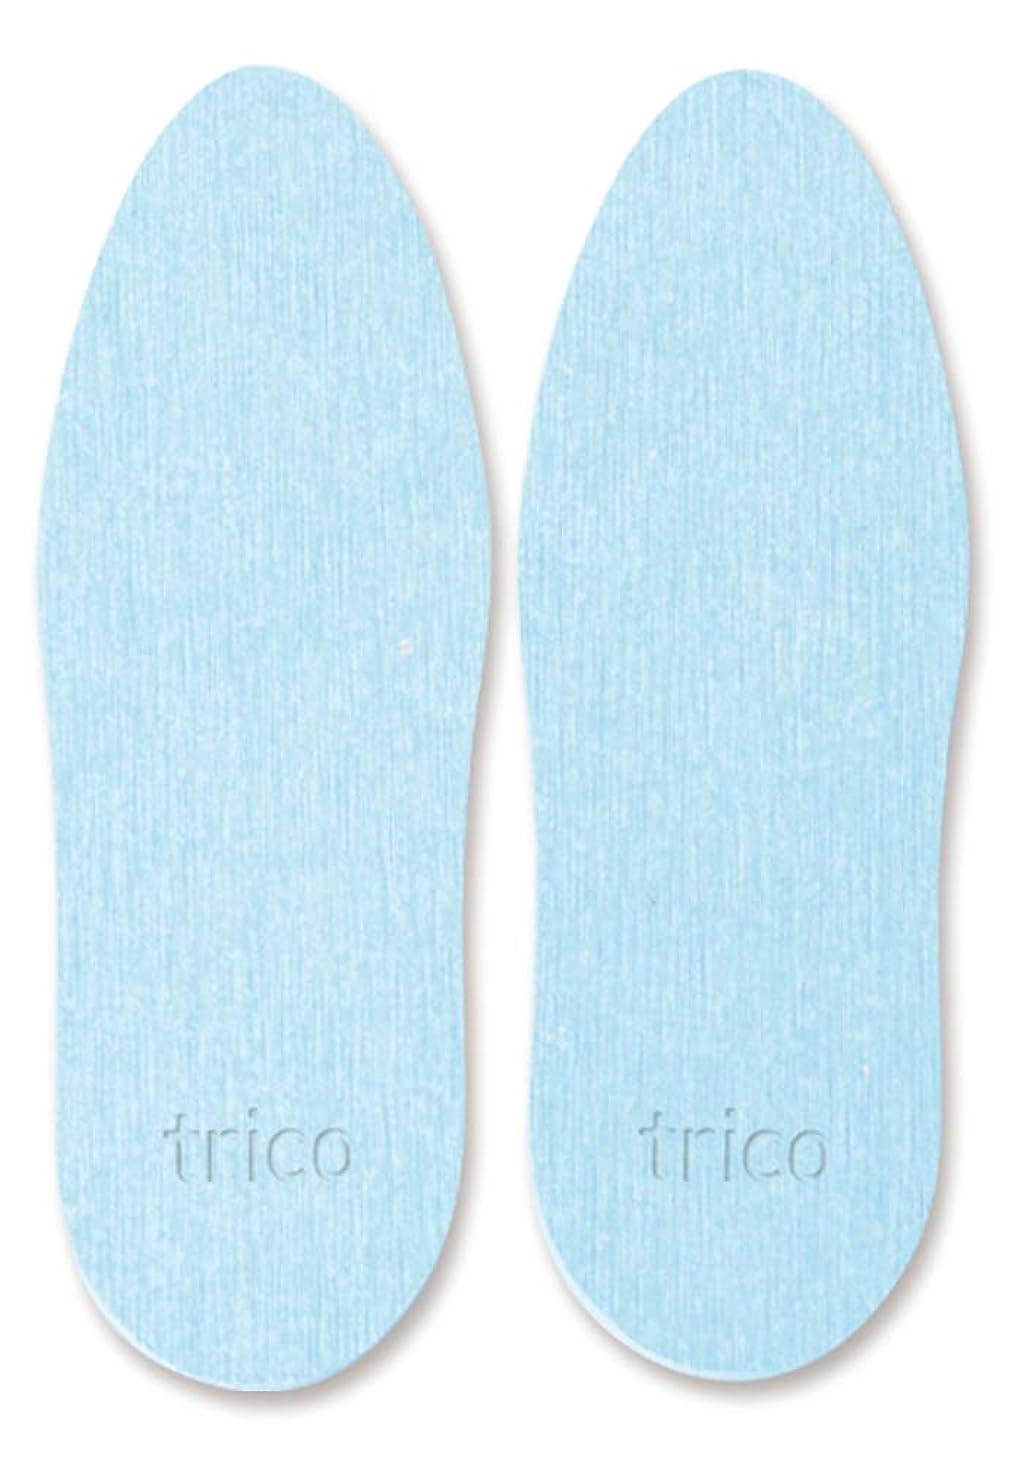 過ち節約するにぎやかtrico 靴の消臭 珪藻土 シューズドライプレート ブルー CTZ-18-02